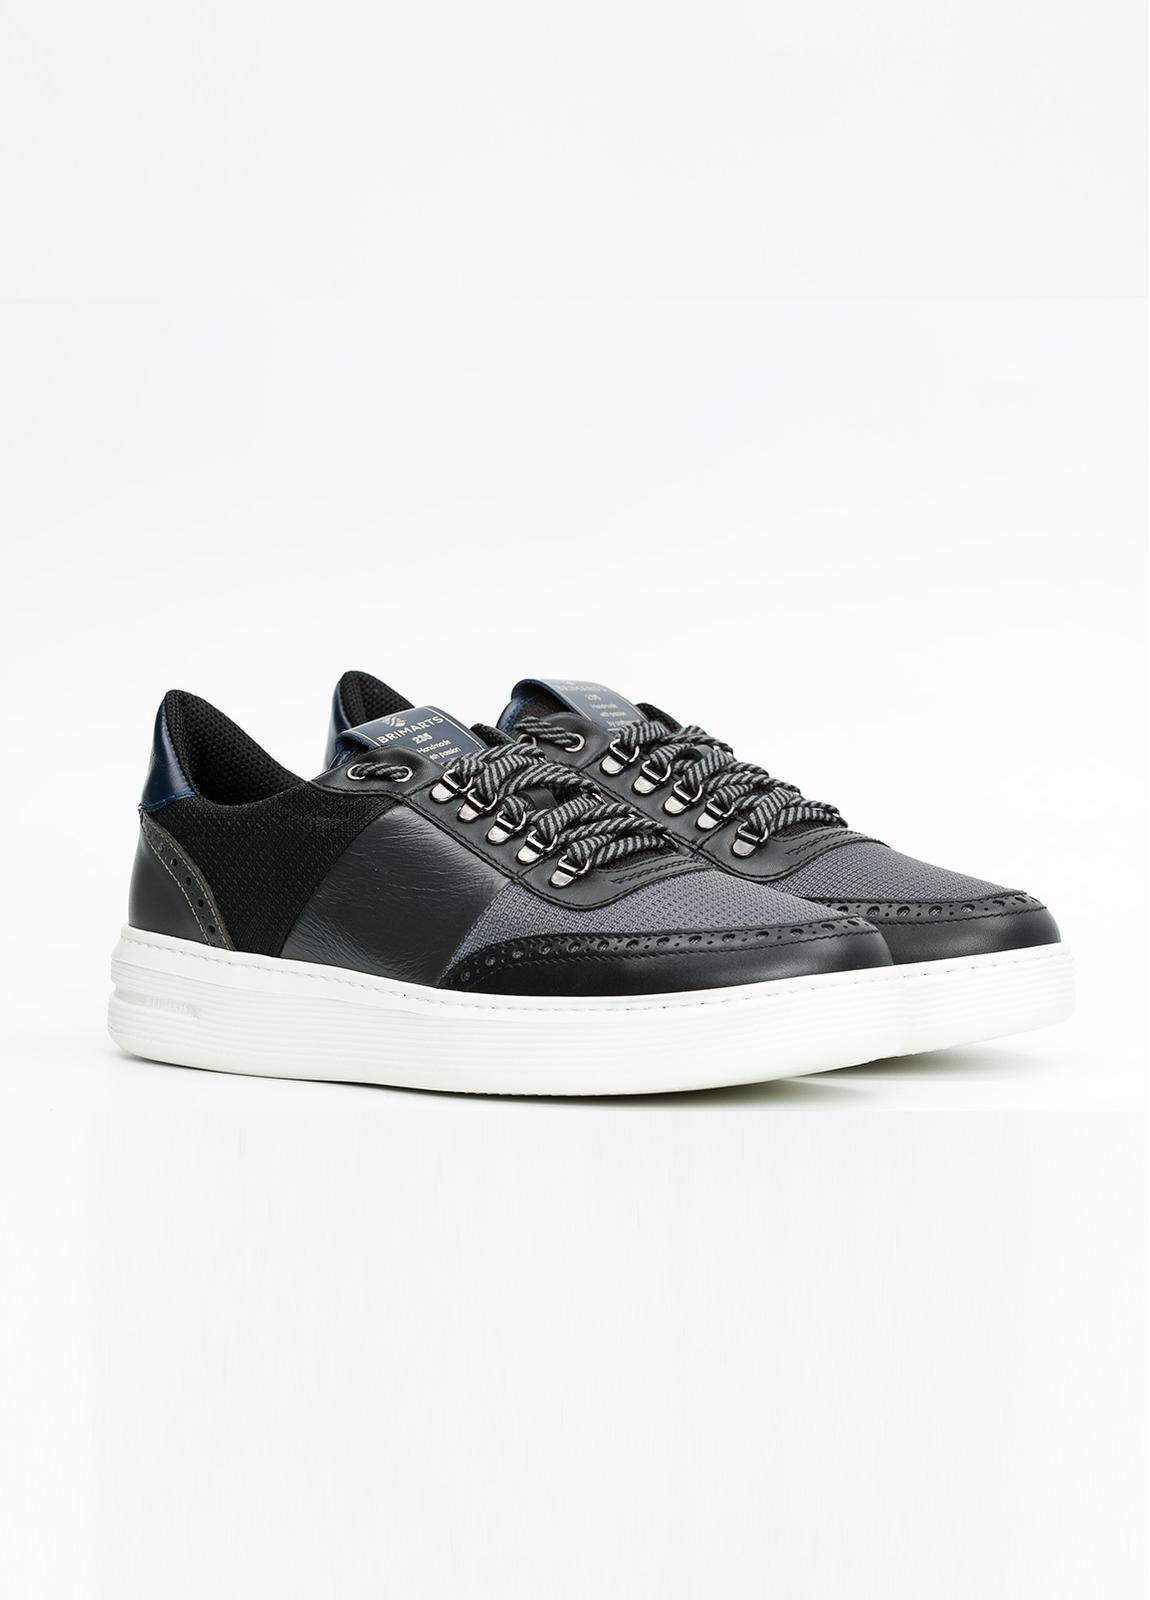 Calzado sport color negro y combinación de piel y tejido técnico. - Ítem2